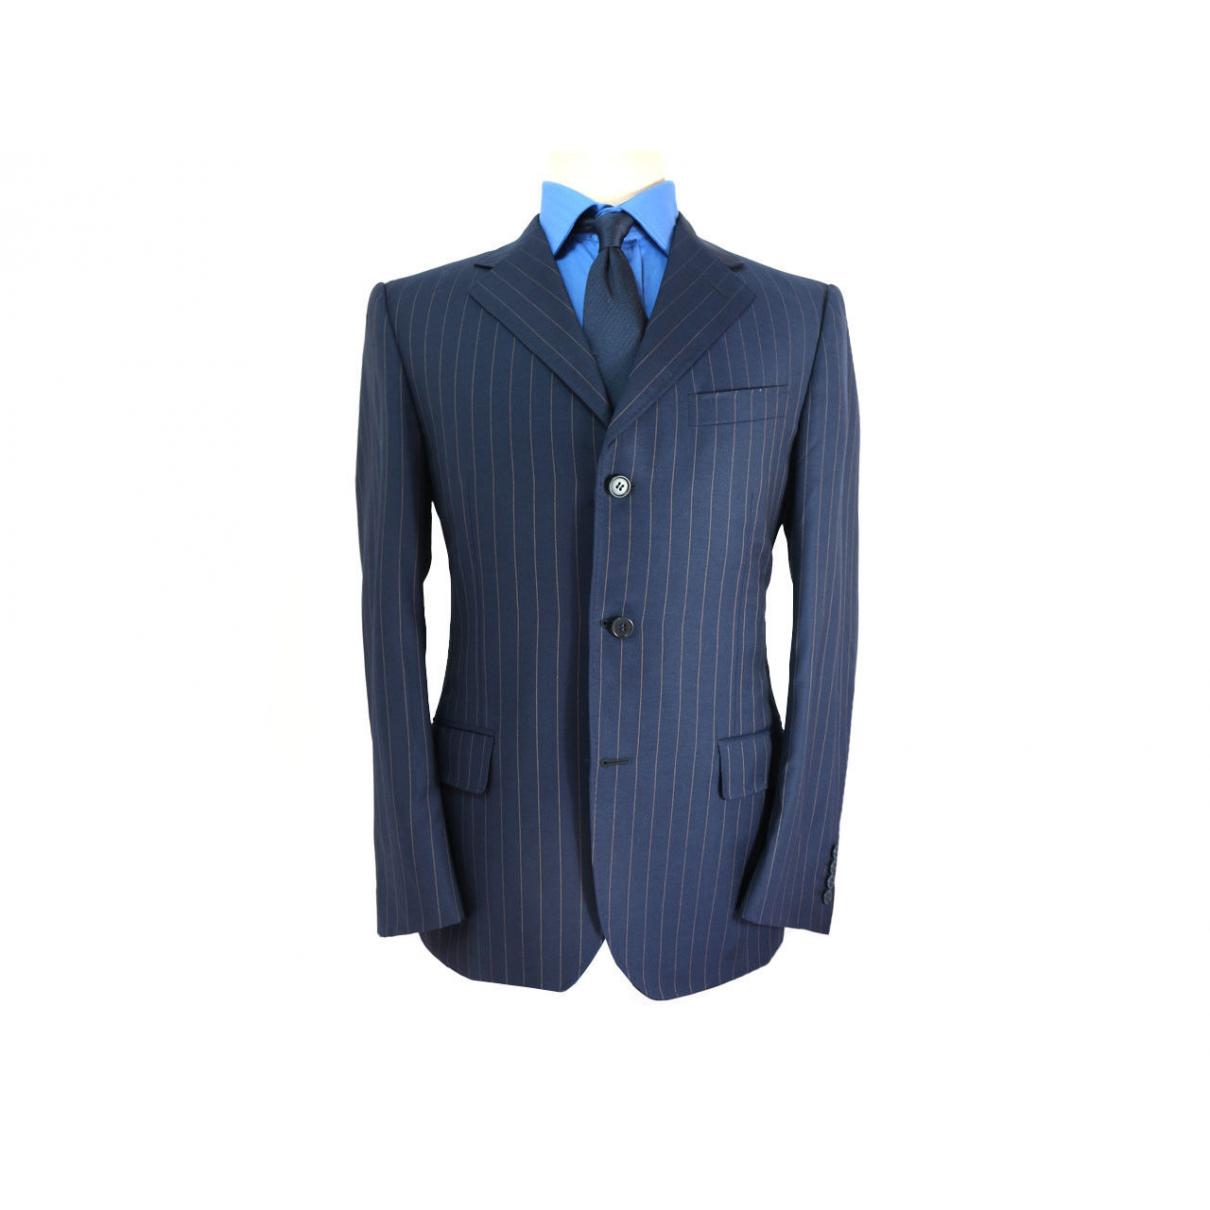 Canali - Vestes.Blousons   pour homme en laine - bleu